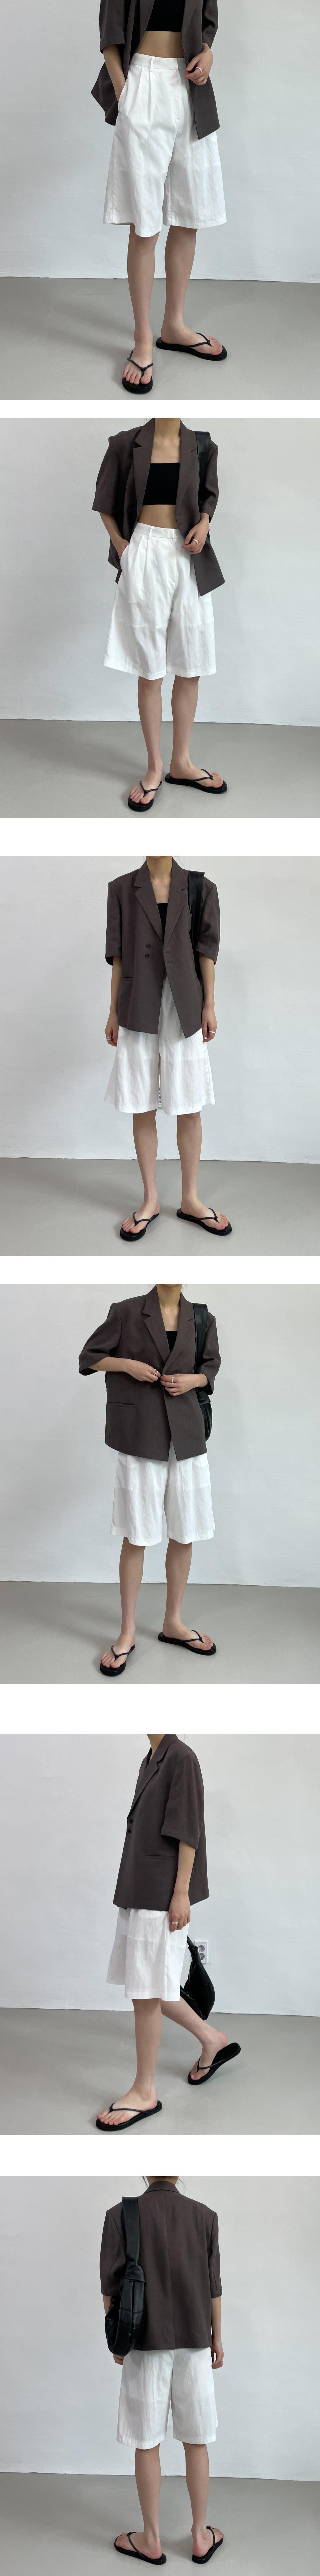 Nouveau Creeze Bermuda Shorts